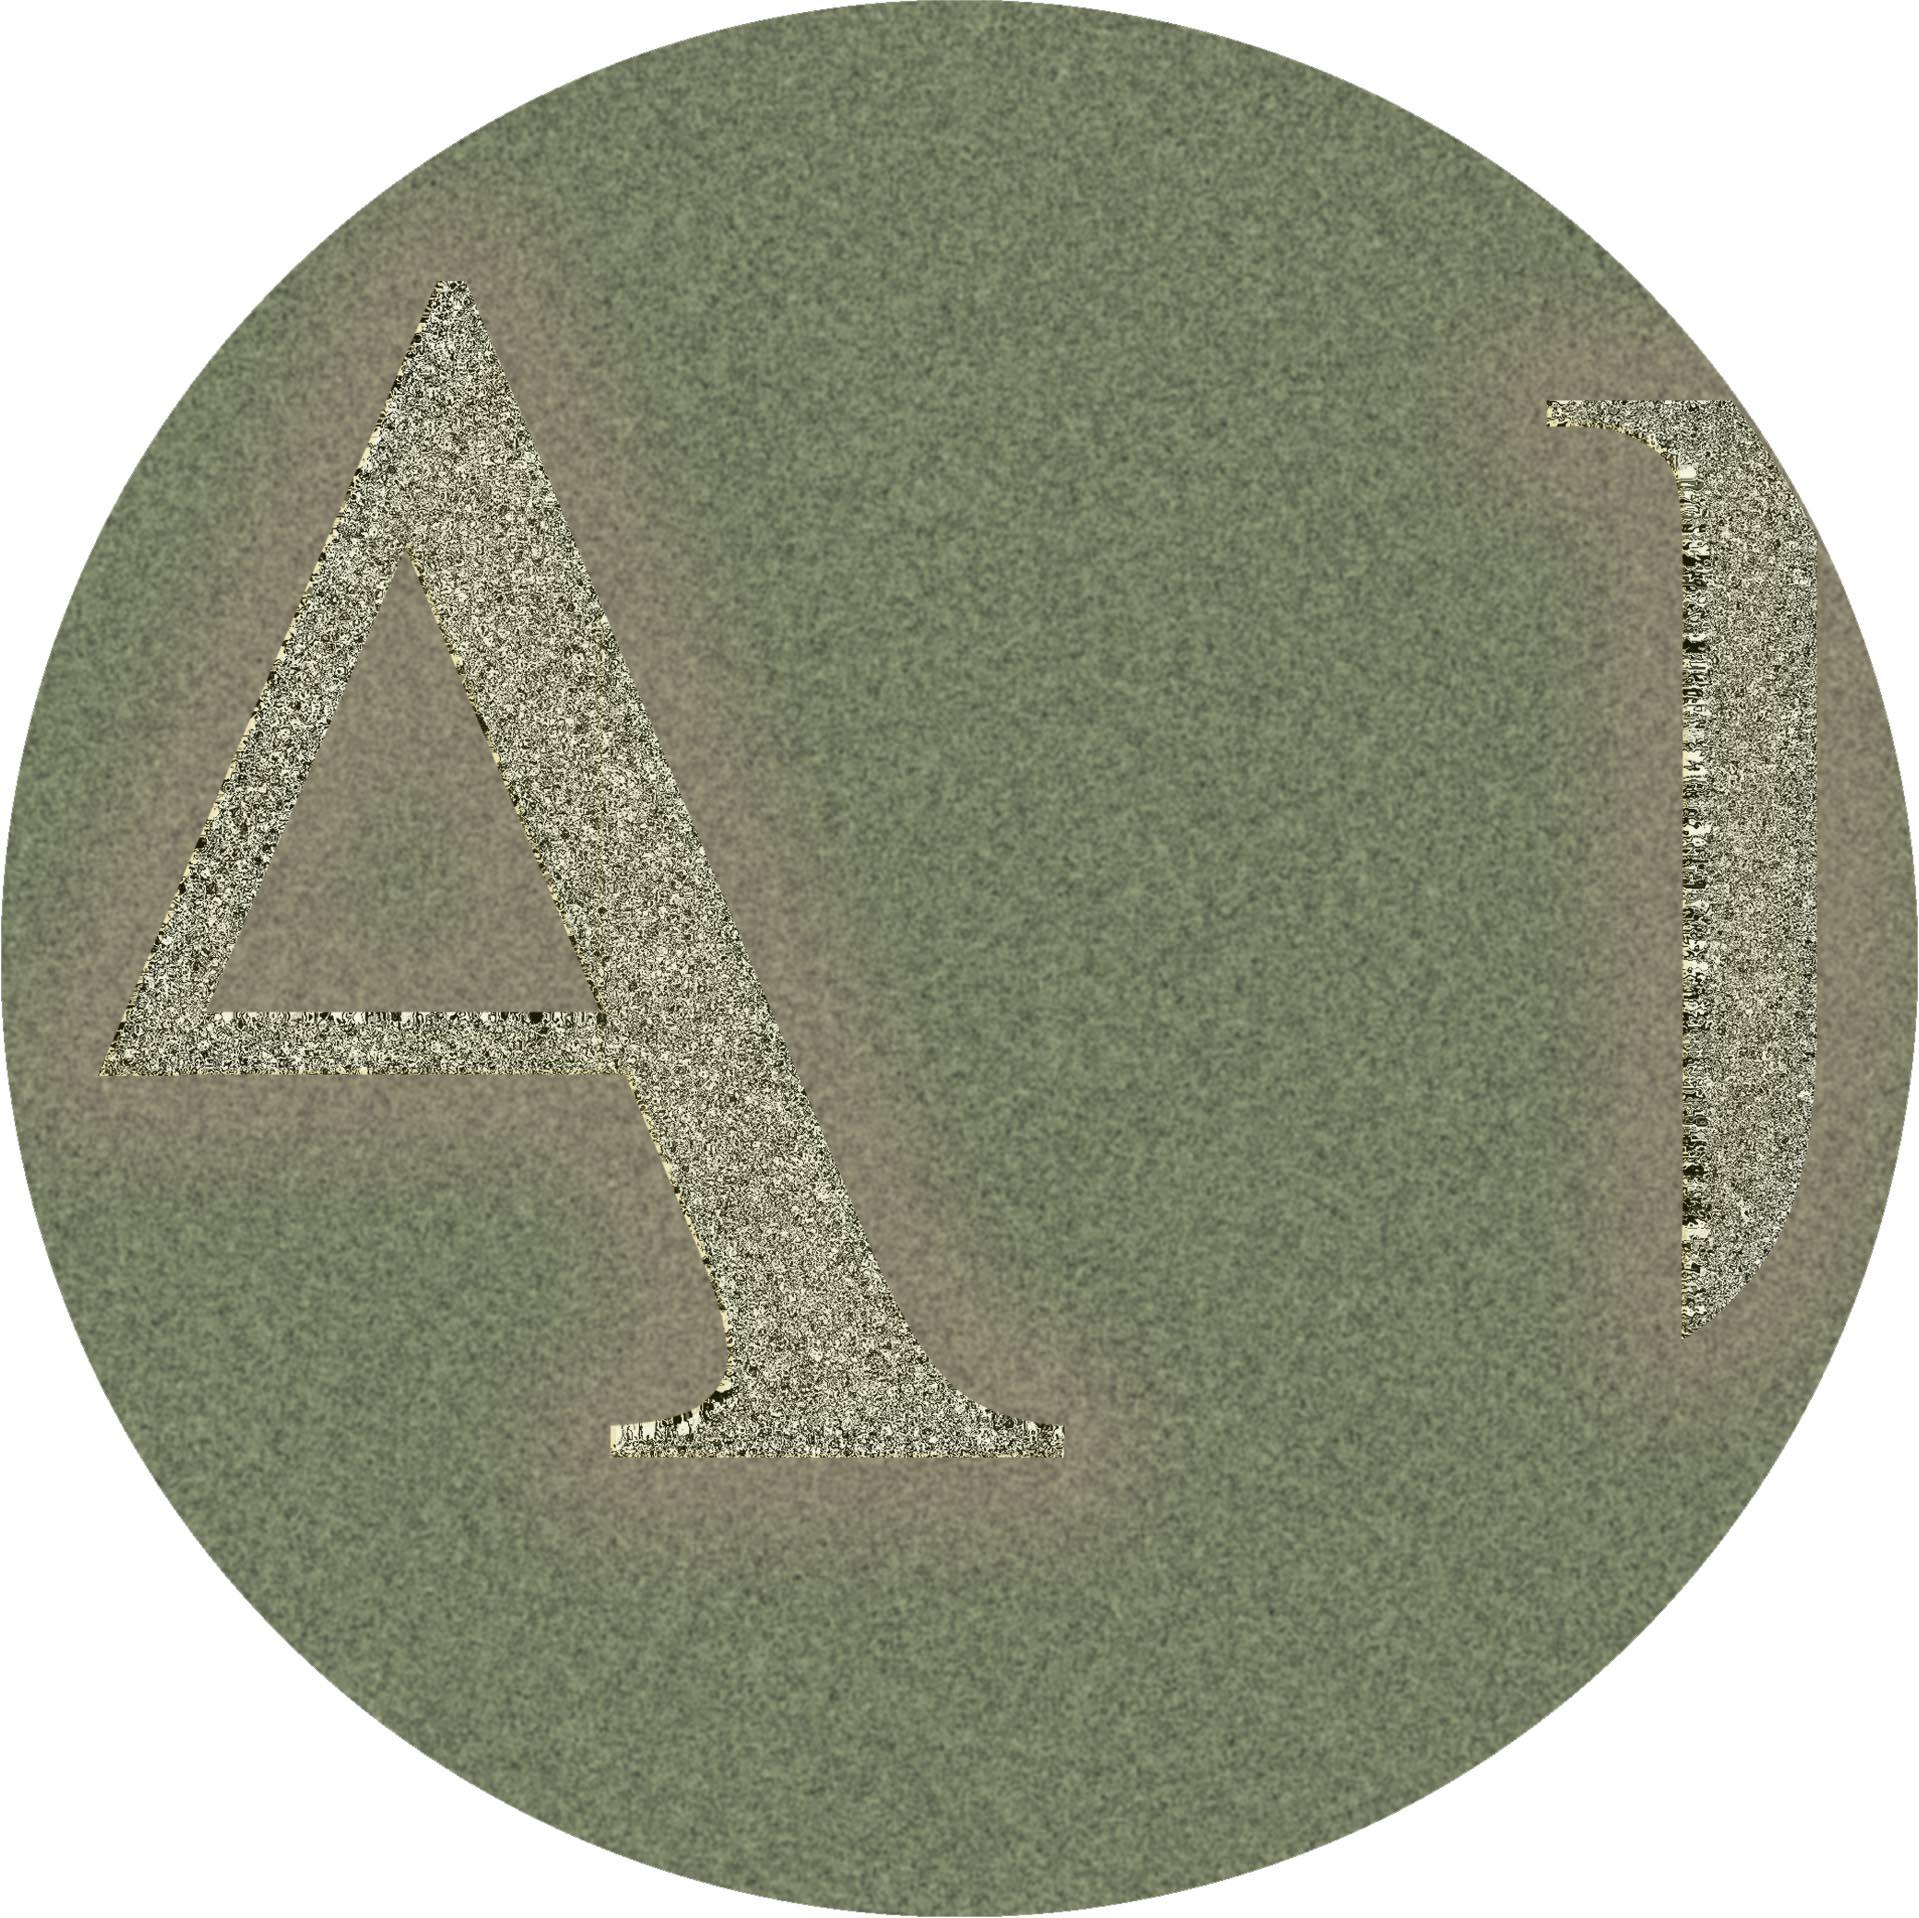 Alan Johnson - Goron Sound